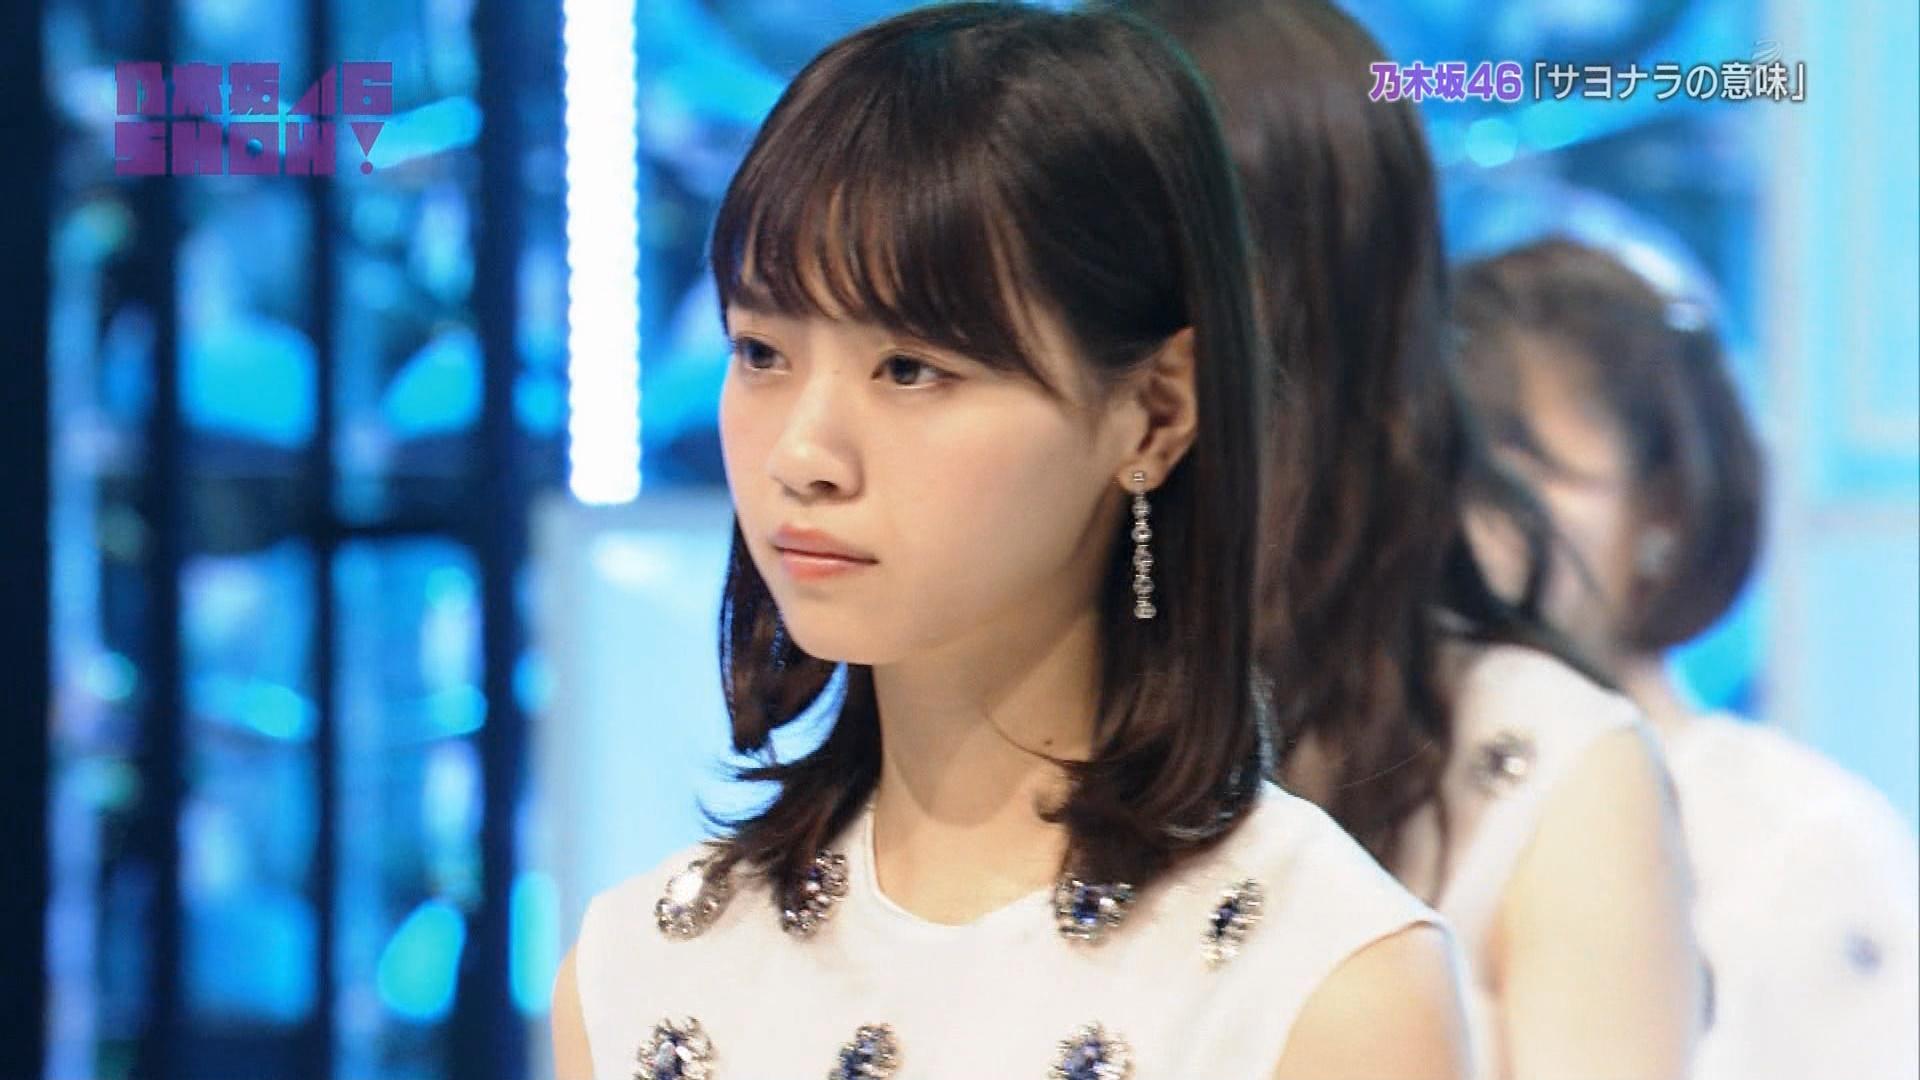 乃木坂46 SHOW!(AKB48 SHOW)★1->画像>535枚